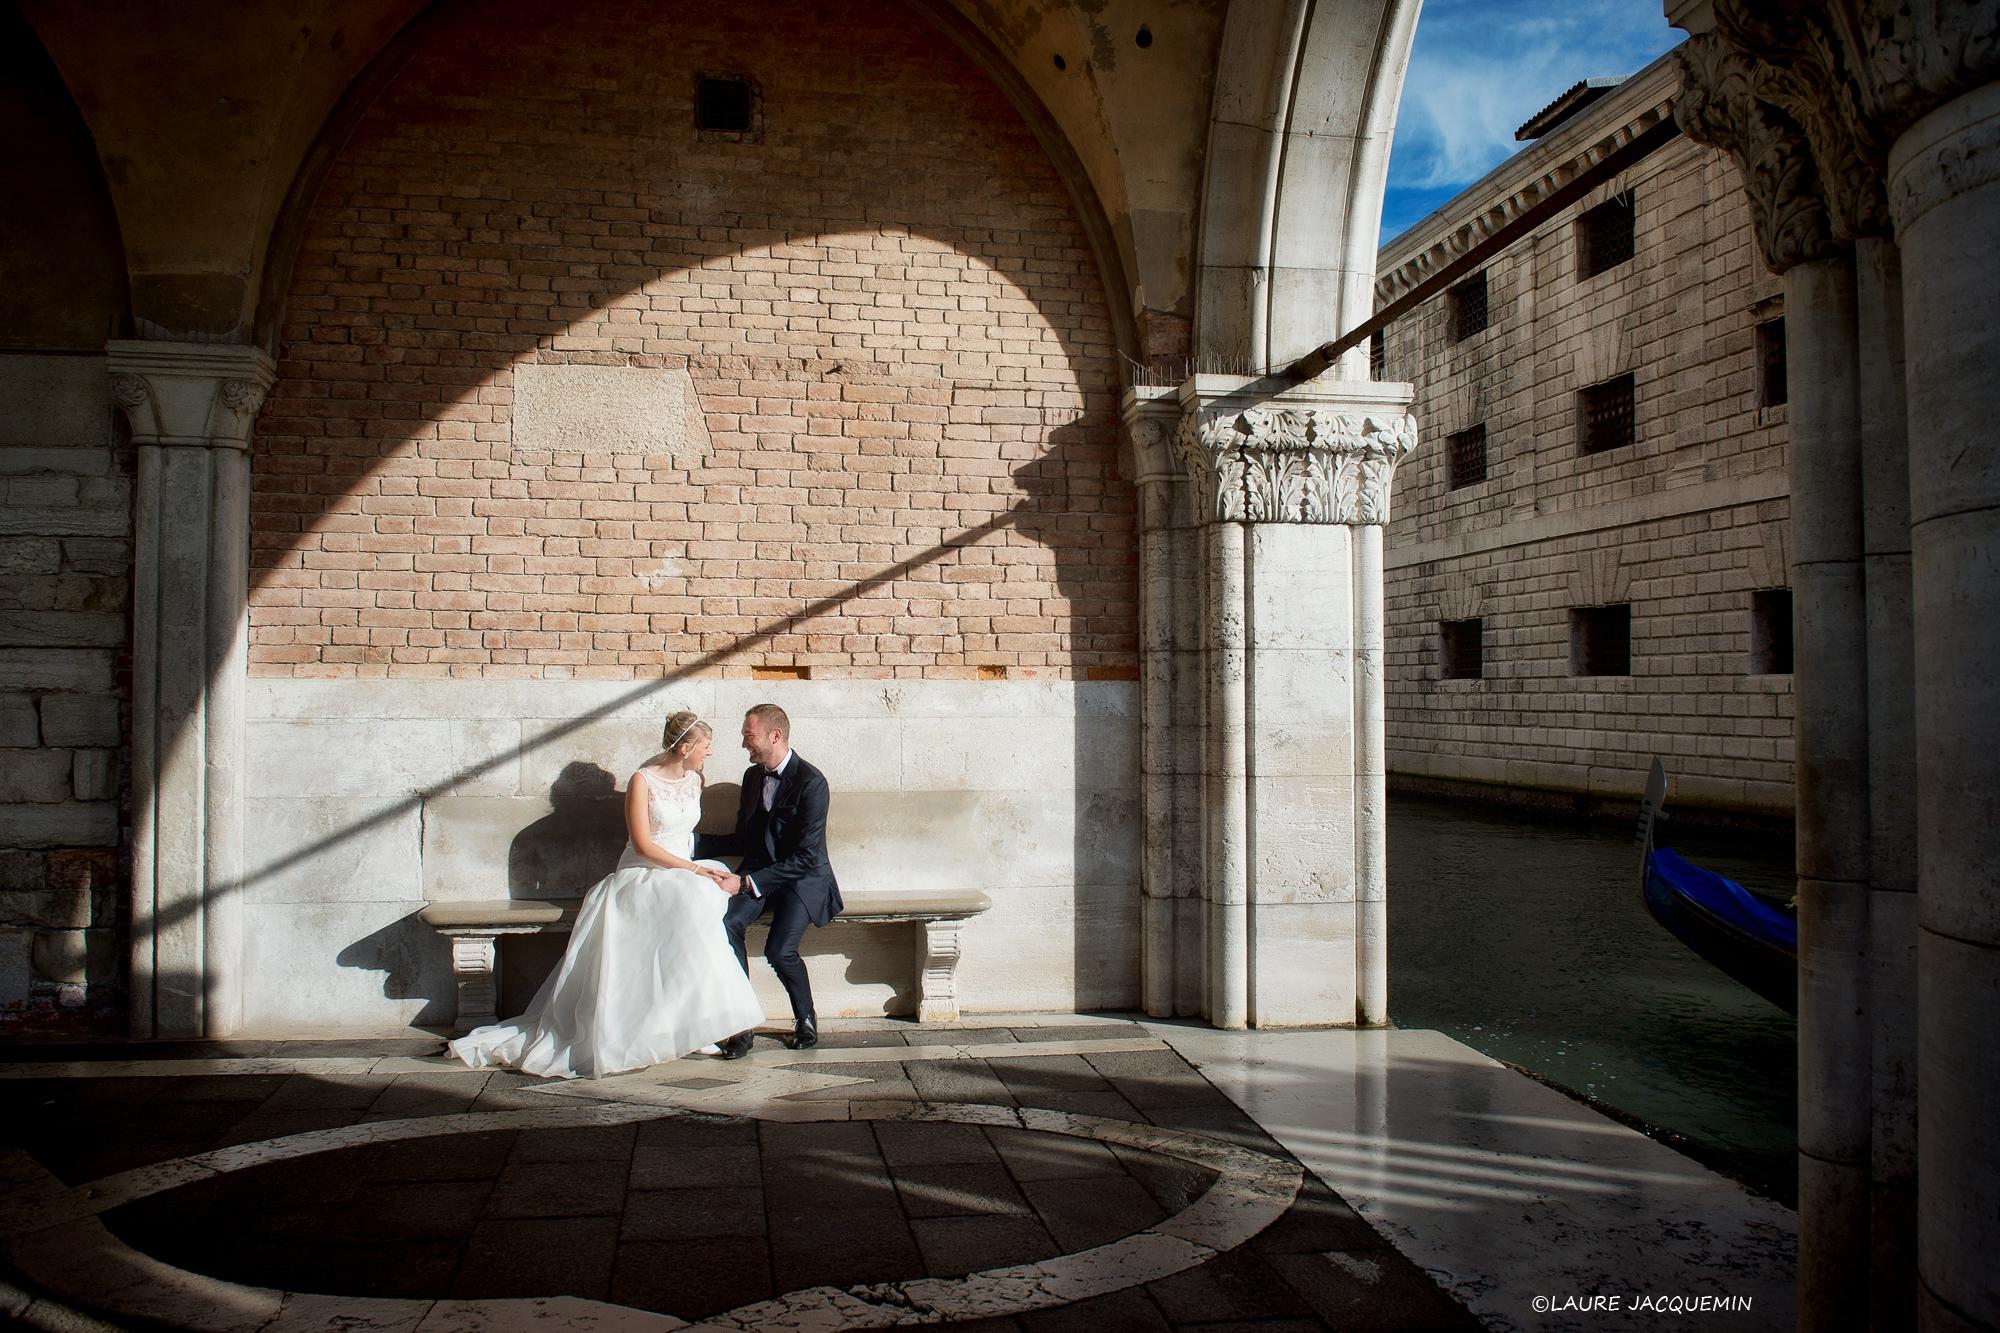 venise mariage photographe laure Jacquemin shooting lune de miel fiancaille couple (43)